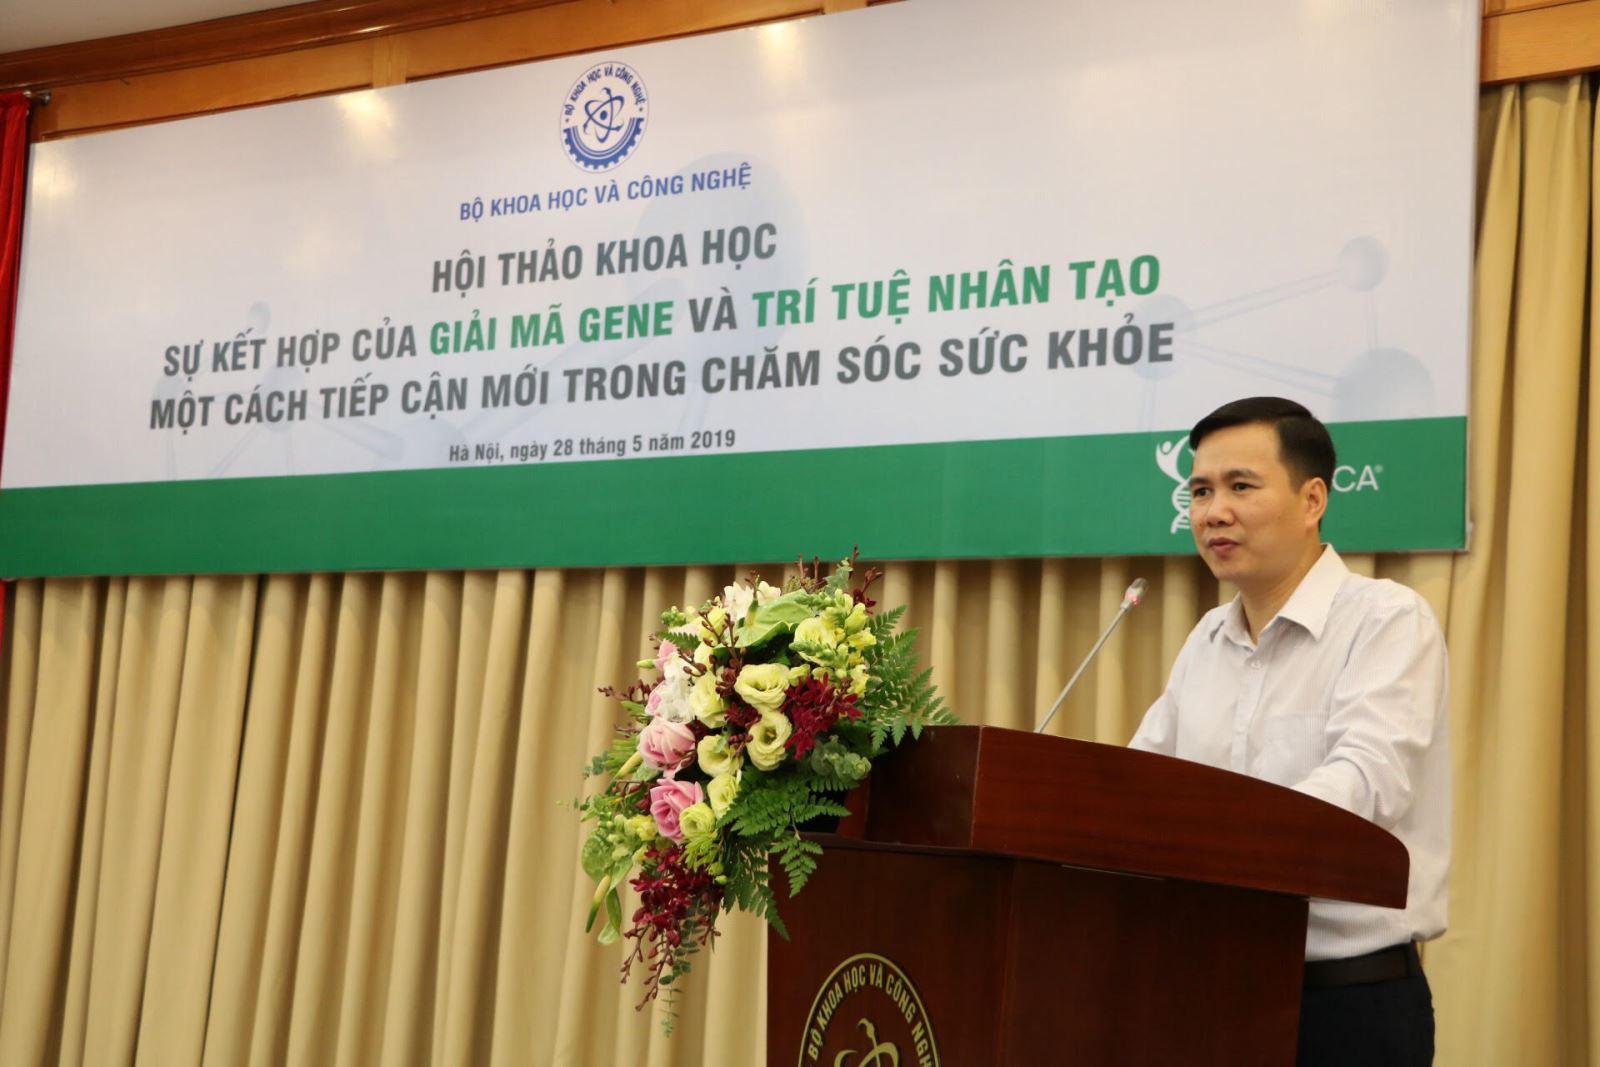 Xây dựng bản đồ Gen người Việt bằng công nghệ AI